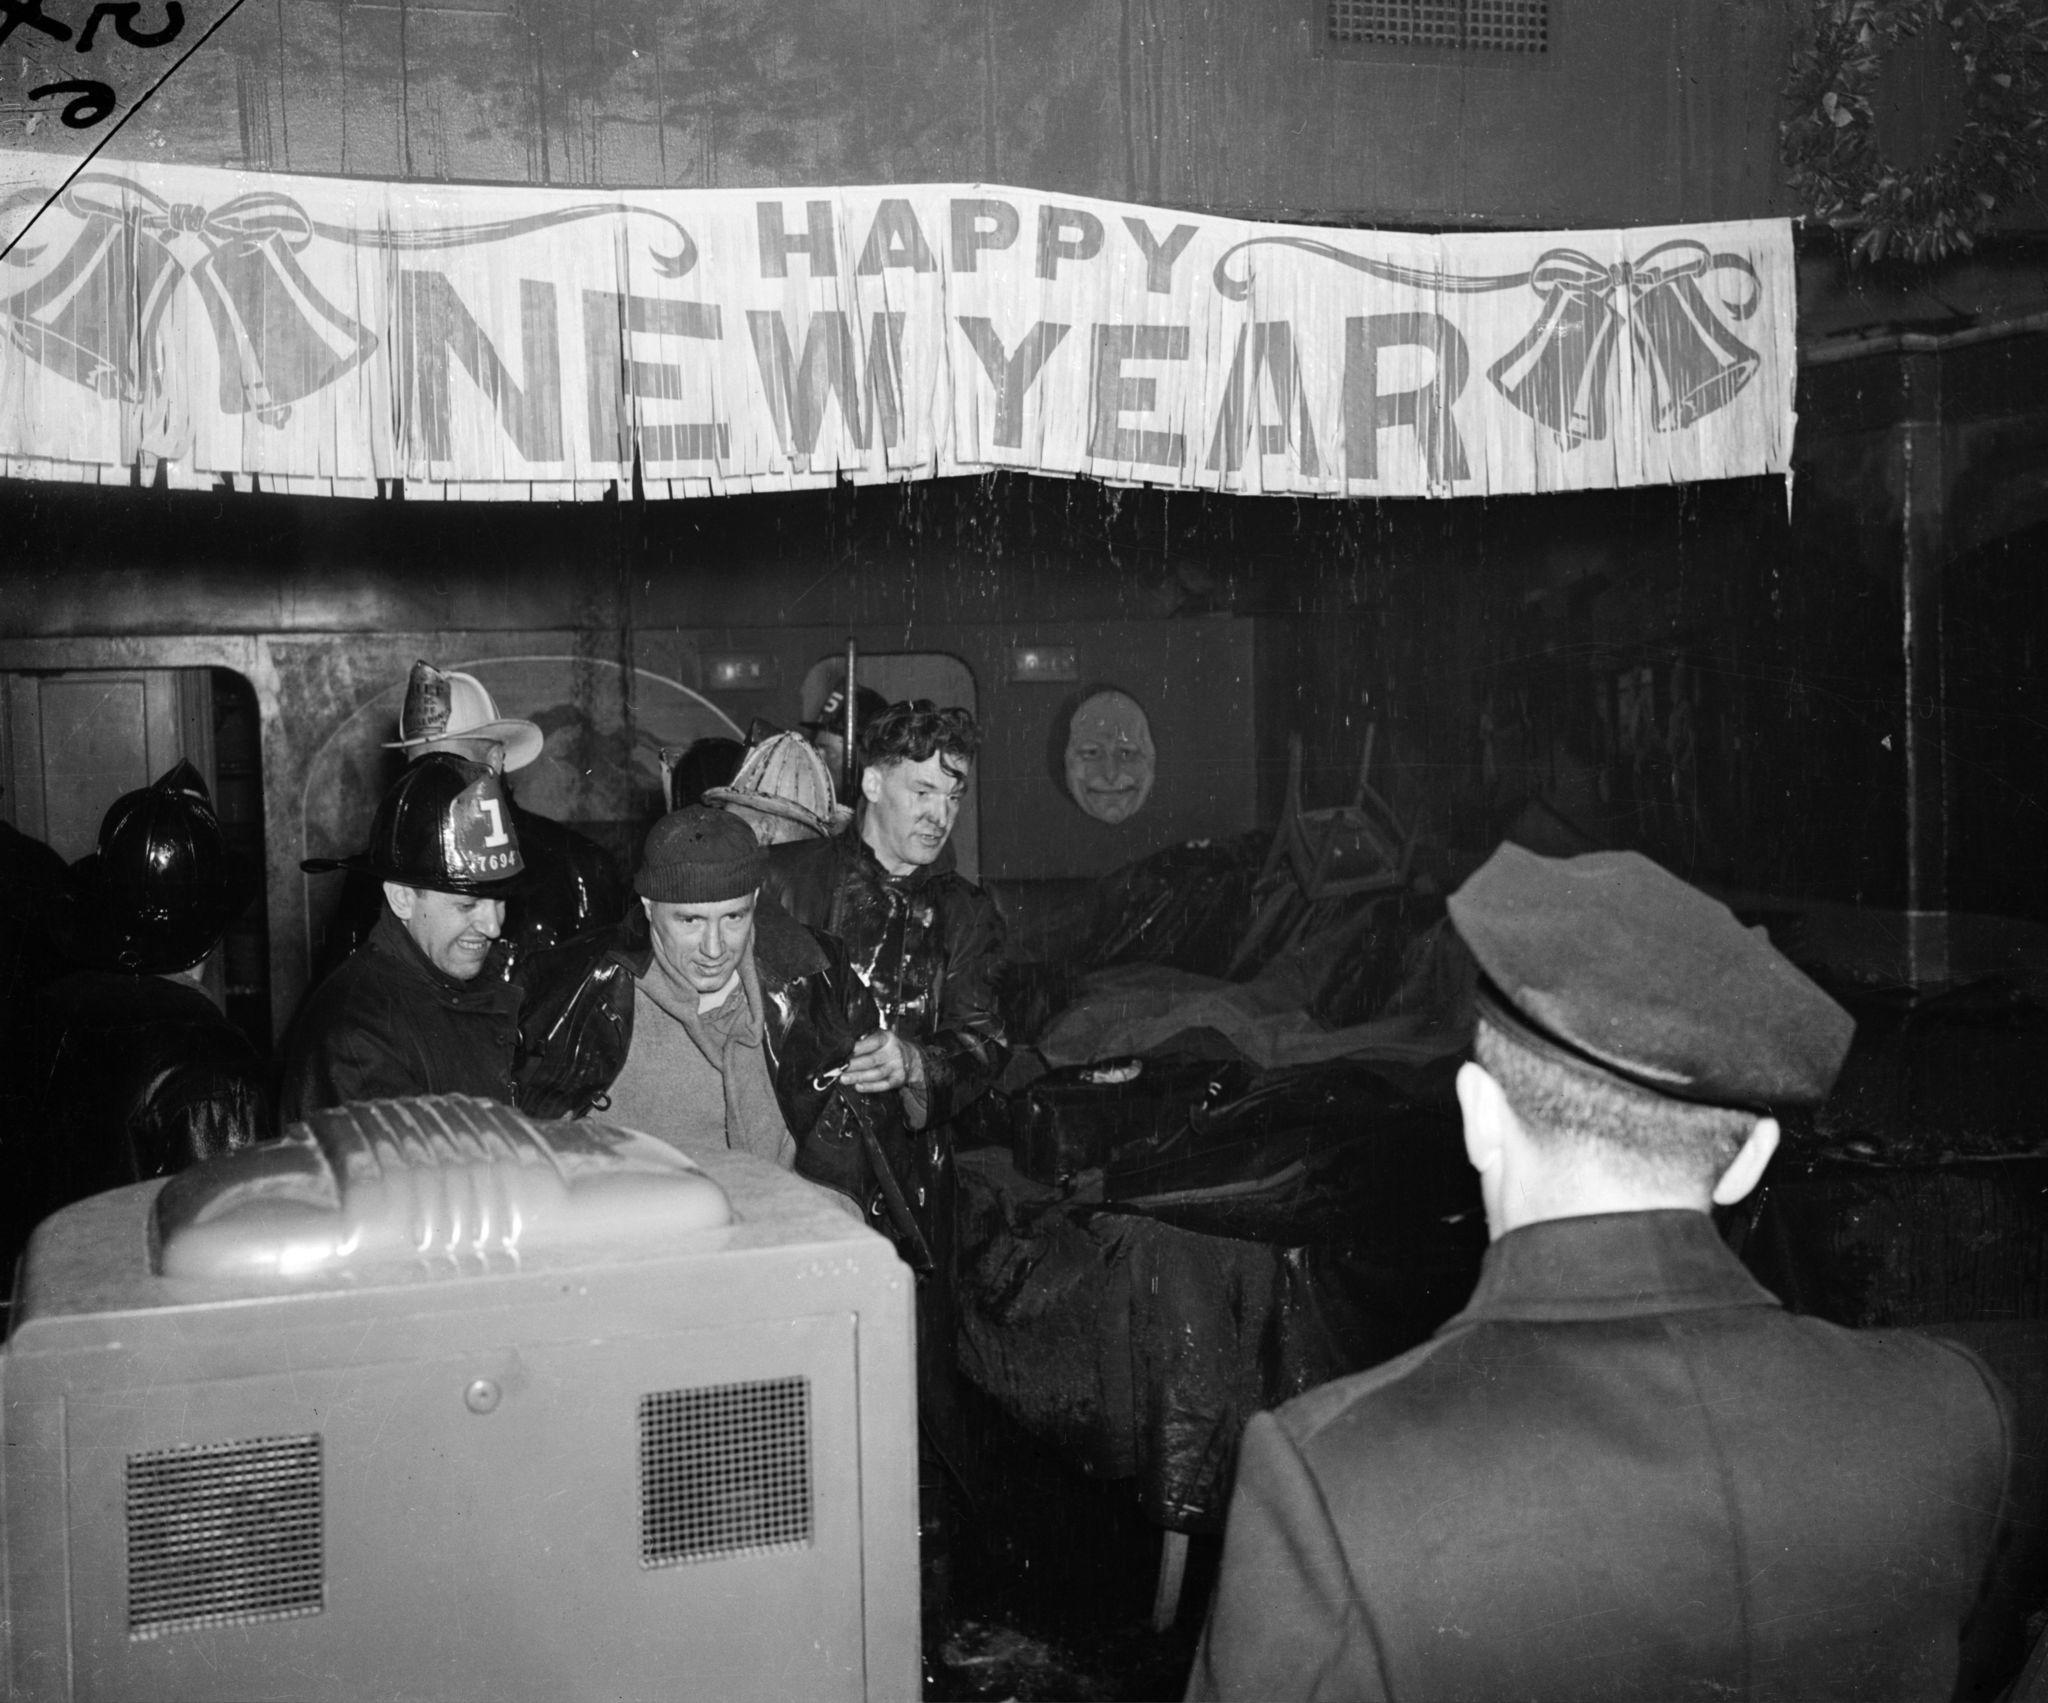 1941. Пожарные выводят мужчину из здания в Нью-Йорке, на котором висит плакат с надписью «С Новым годом».jpg